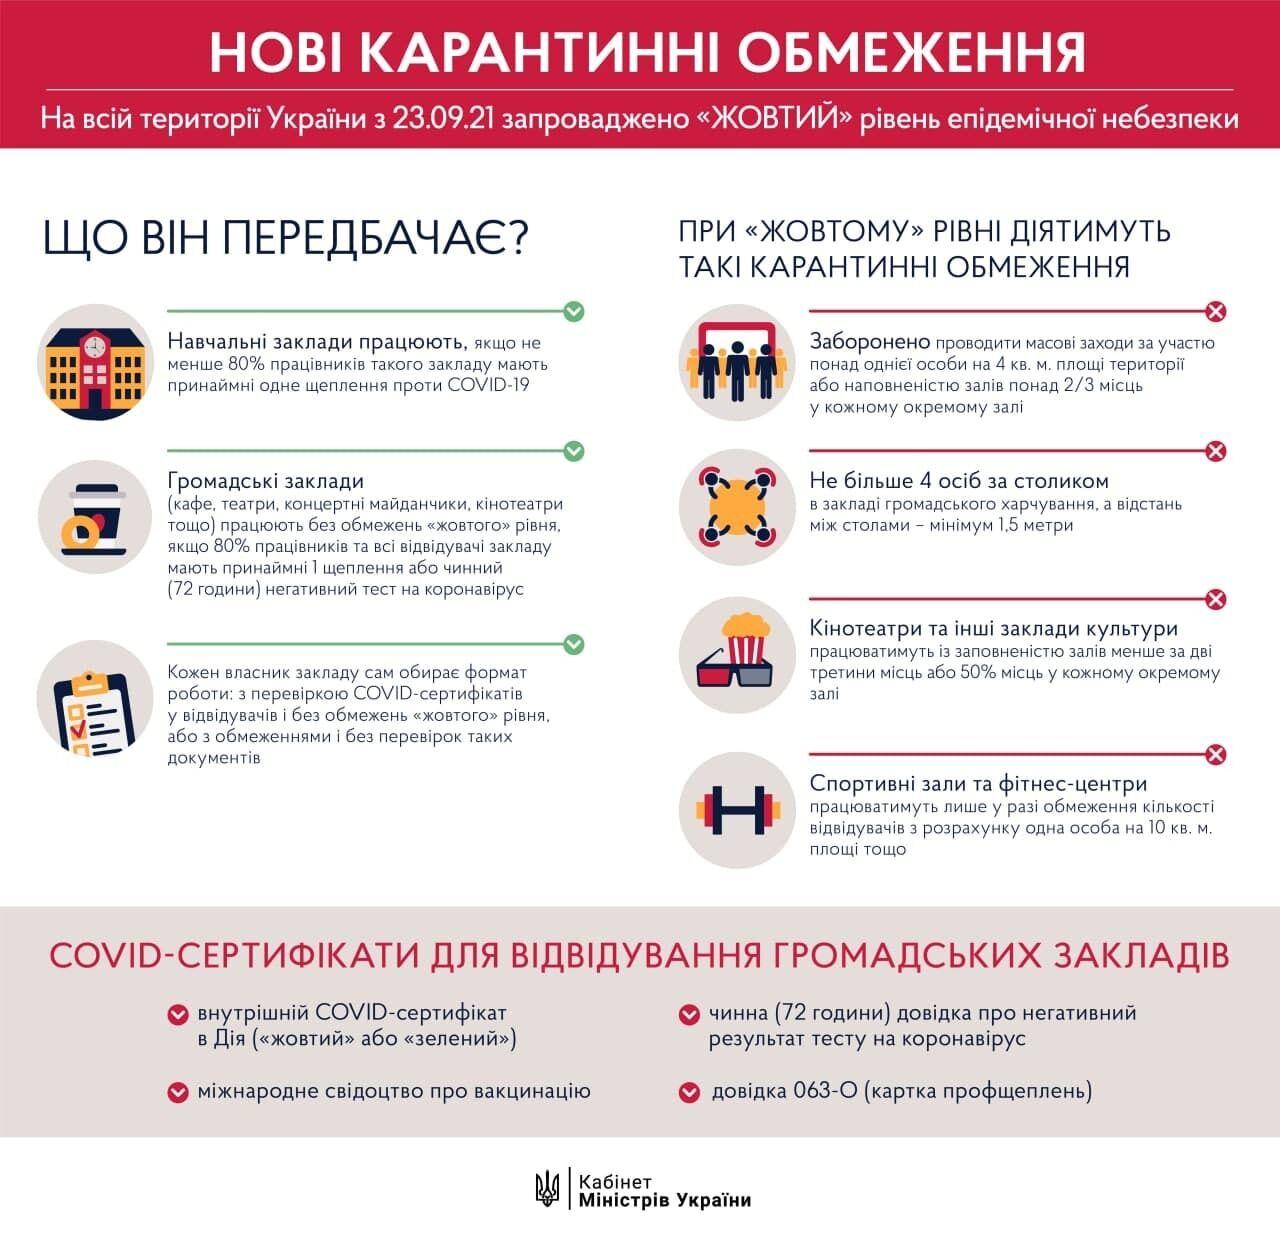 Обмеження для бізнесу в Україні.